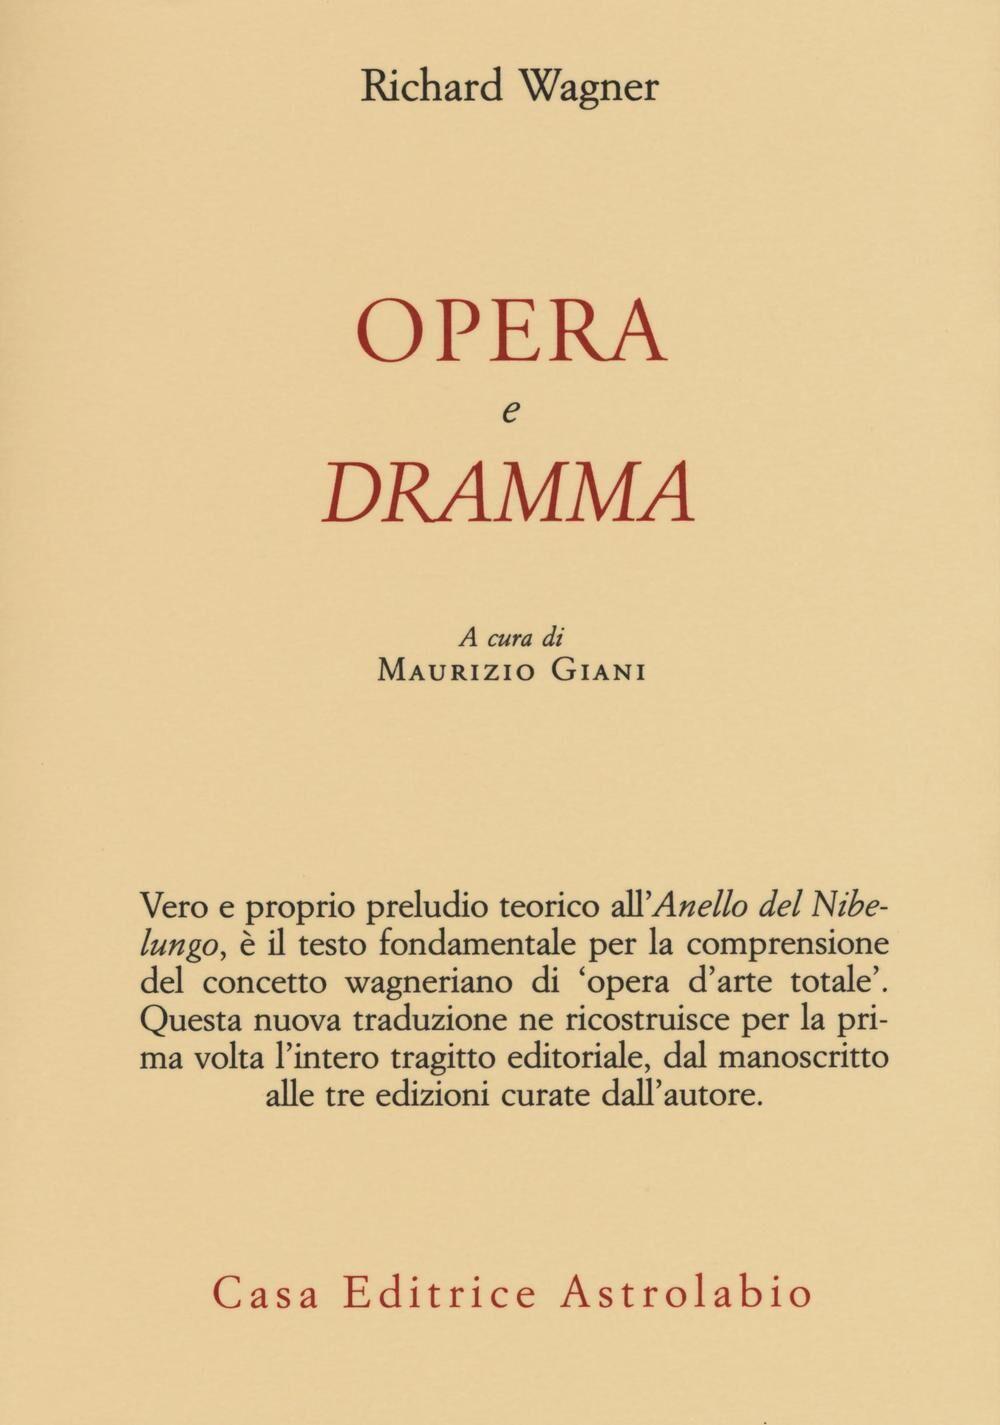 Opera e dramma